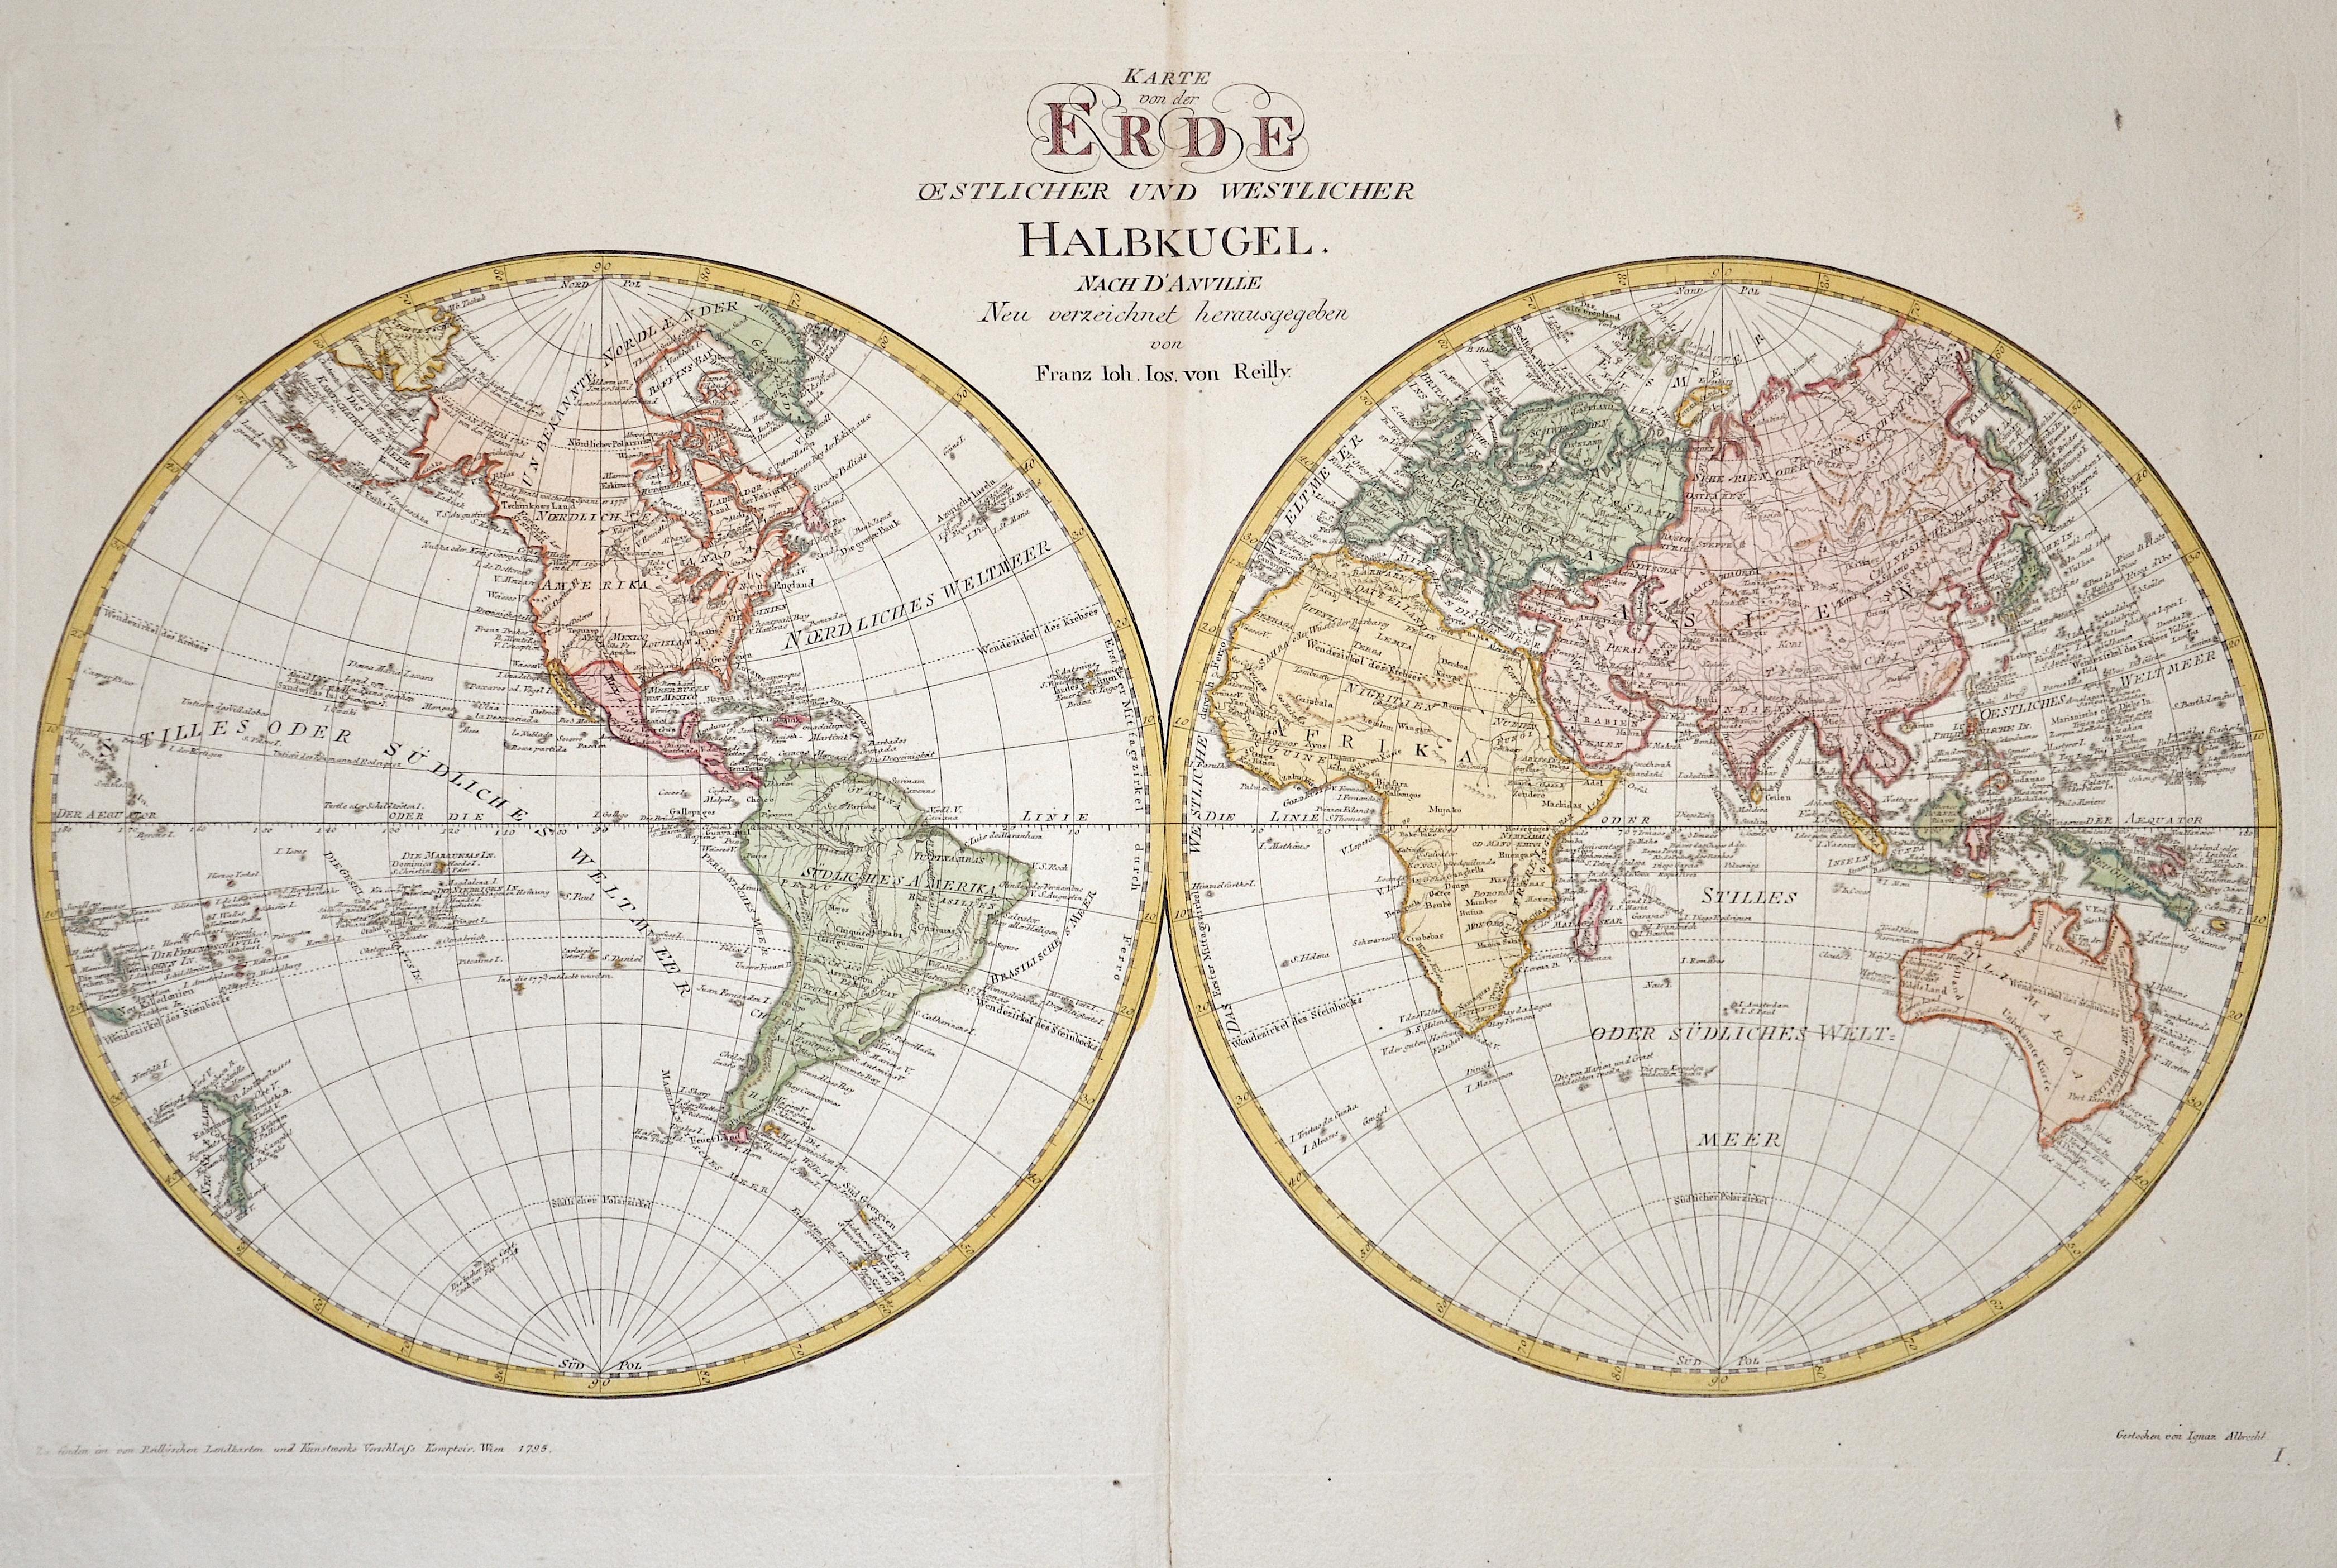 Walch  Karte der Erde, nach ihrer oestlich, westlich, noerdlich und südlichen Halbkugel, aus den zuverlässigsten u. neuesten Nachrichten entworfen 1803.